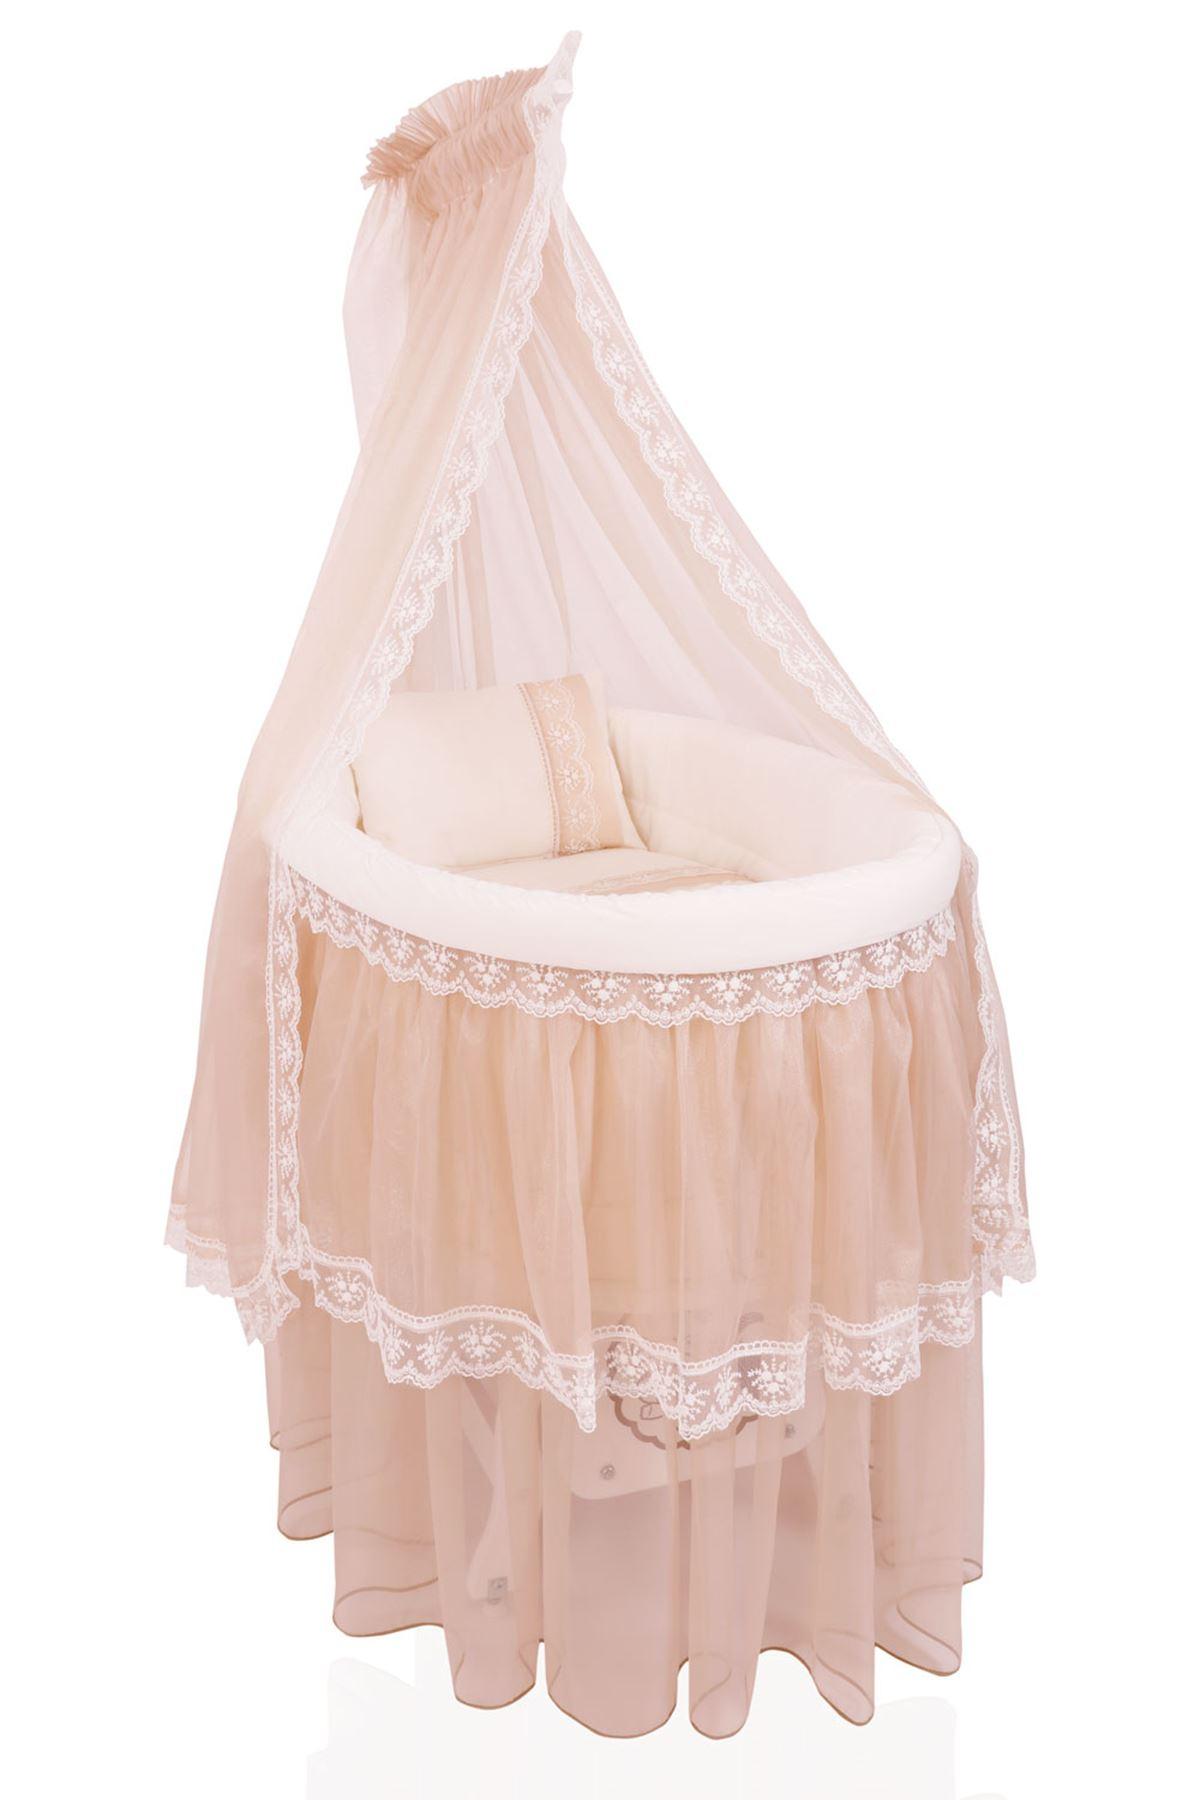 سرير بيضاوي أبيض زكزاك فضي